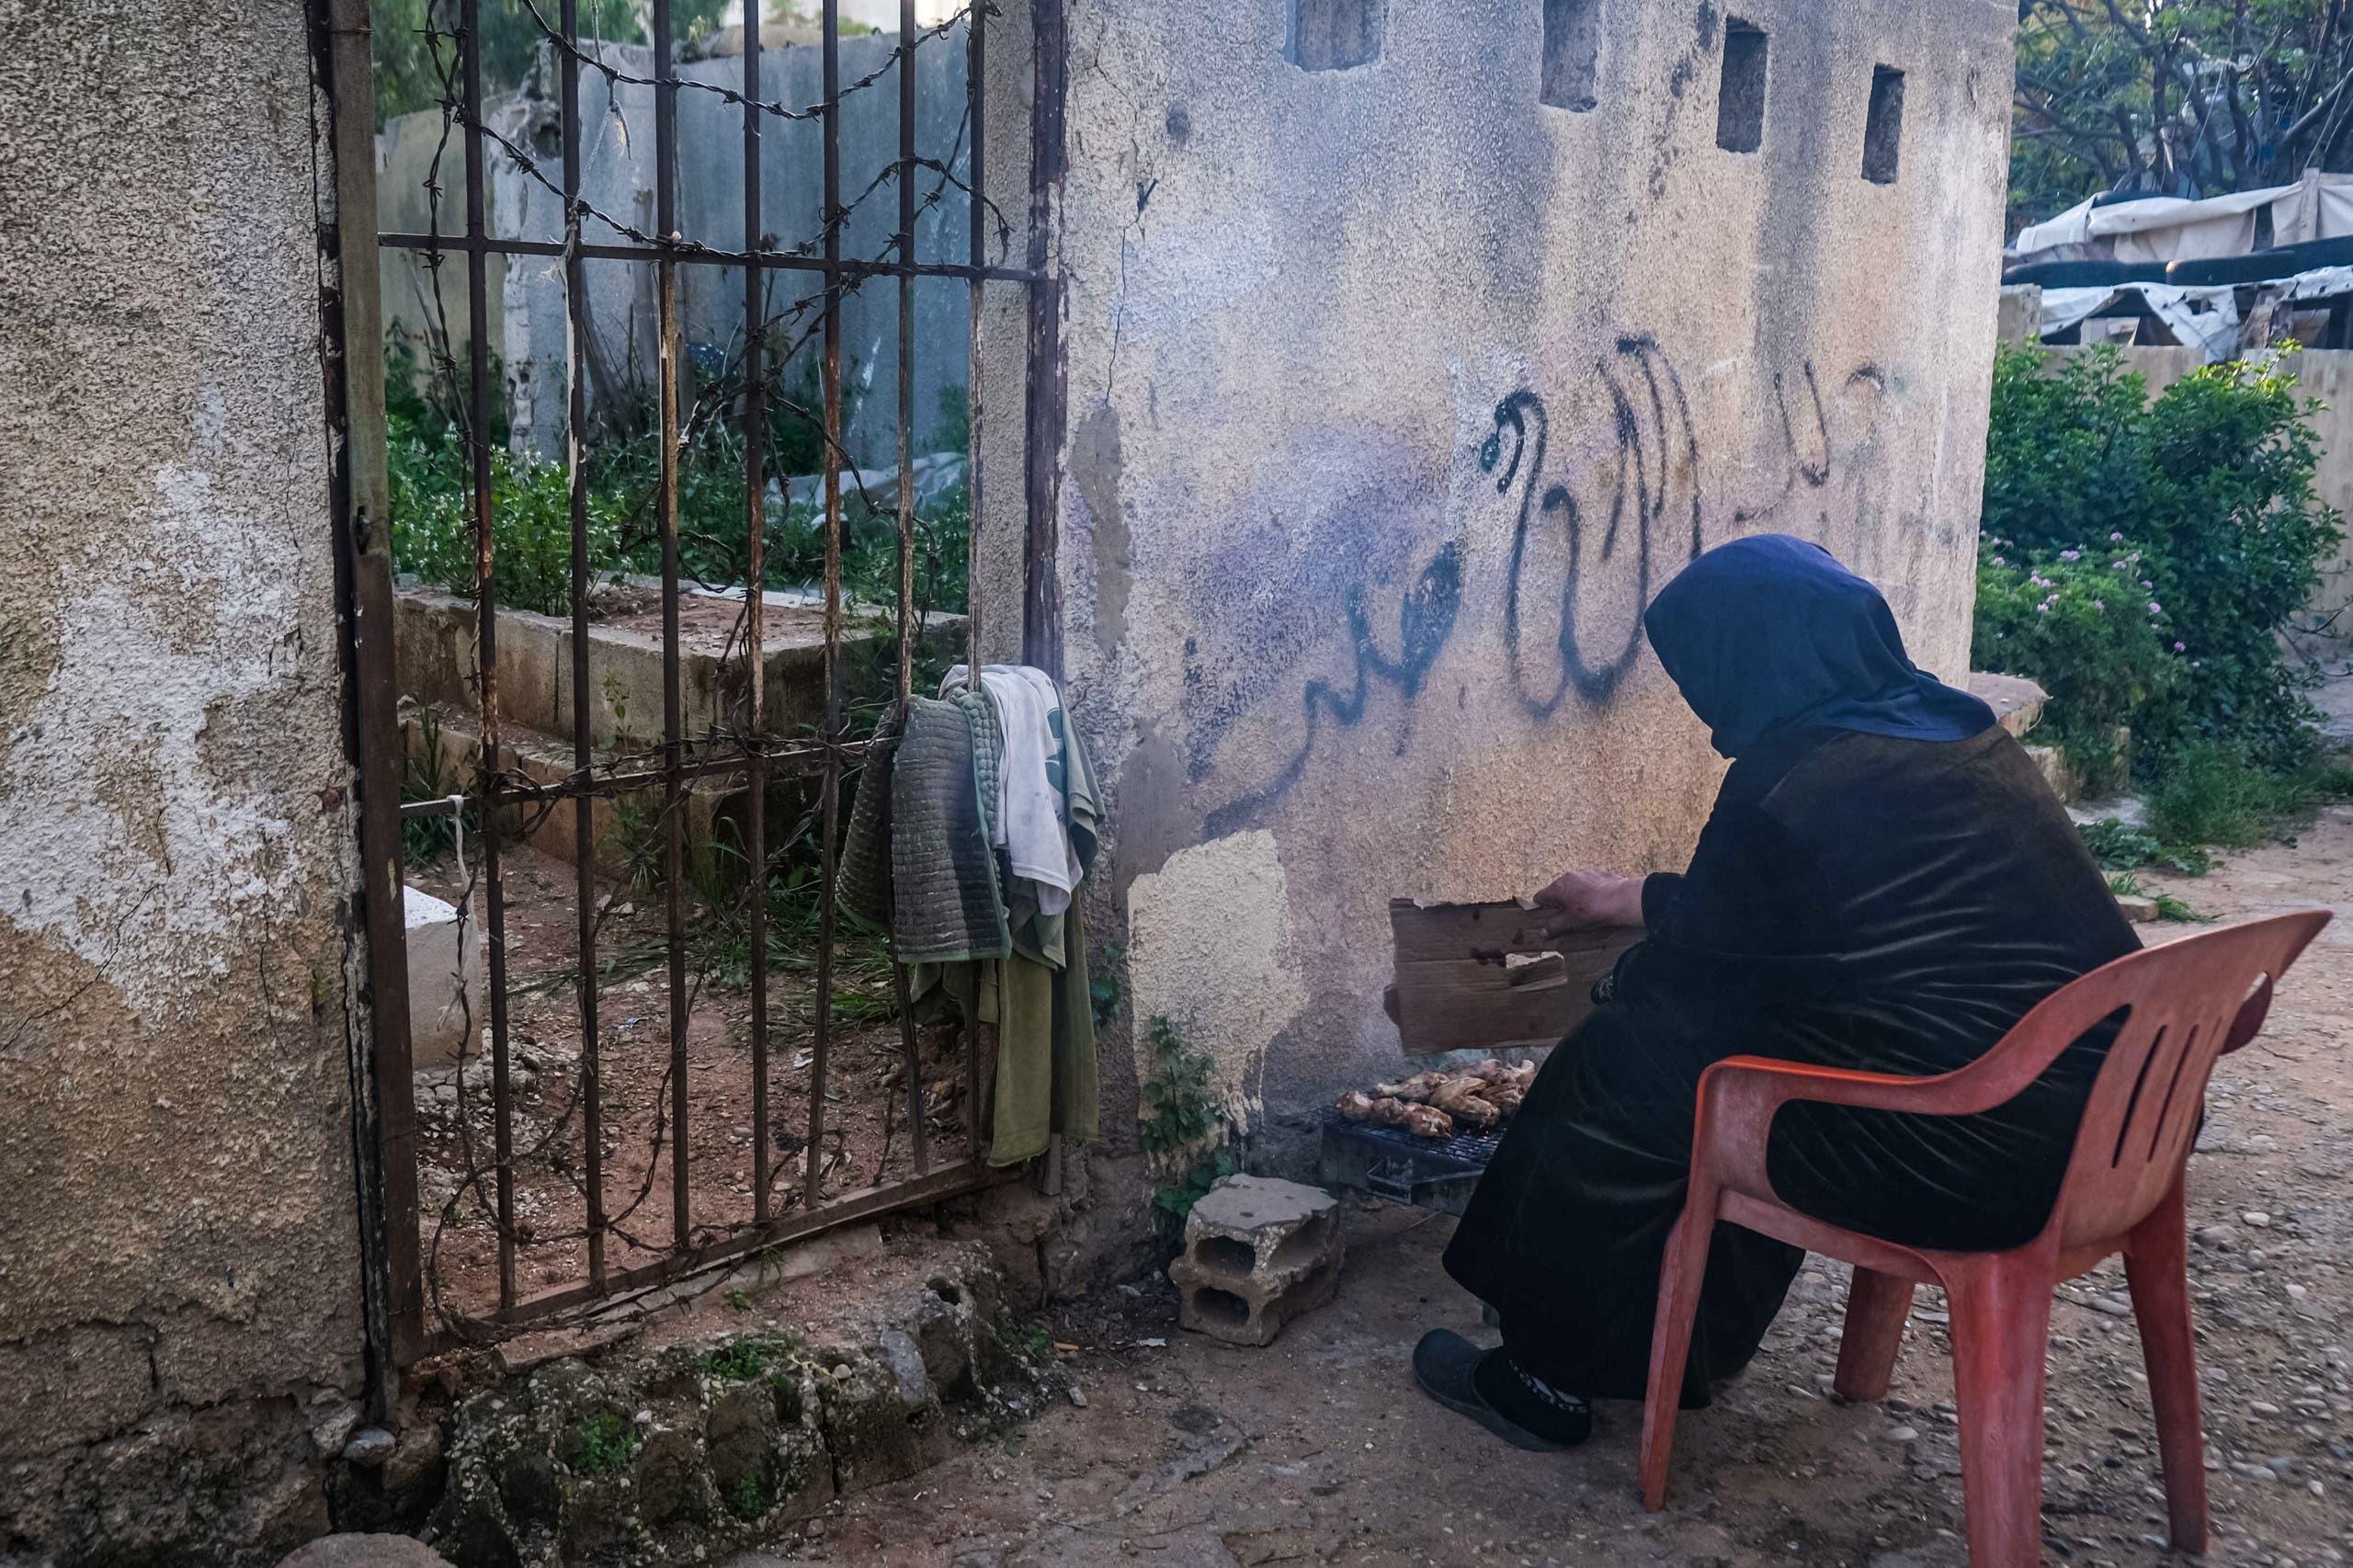 أوضاع اقتصادية ومعيشية مزرية في لبنان (أرشيفية- فرانس برس)